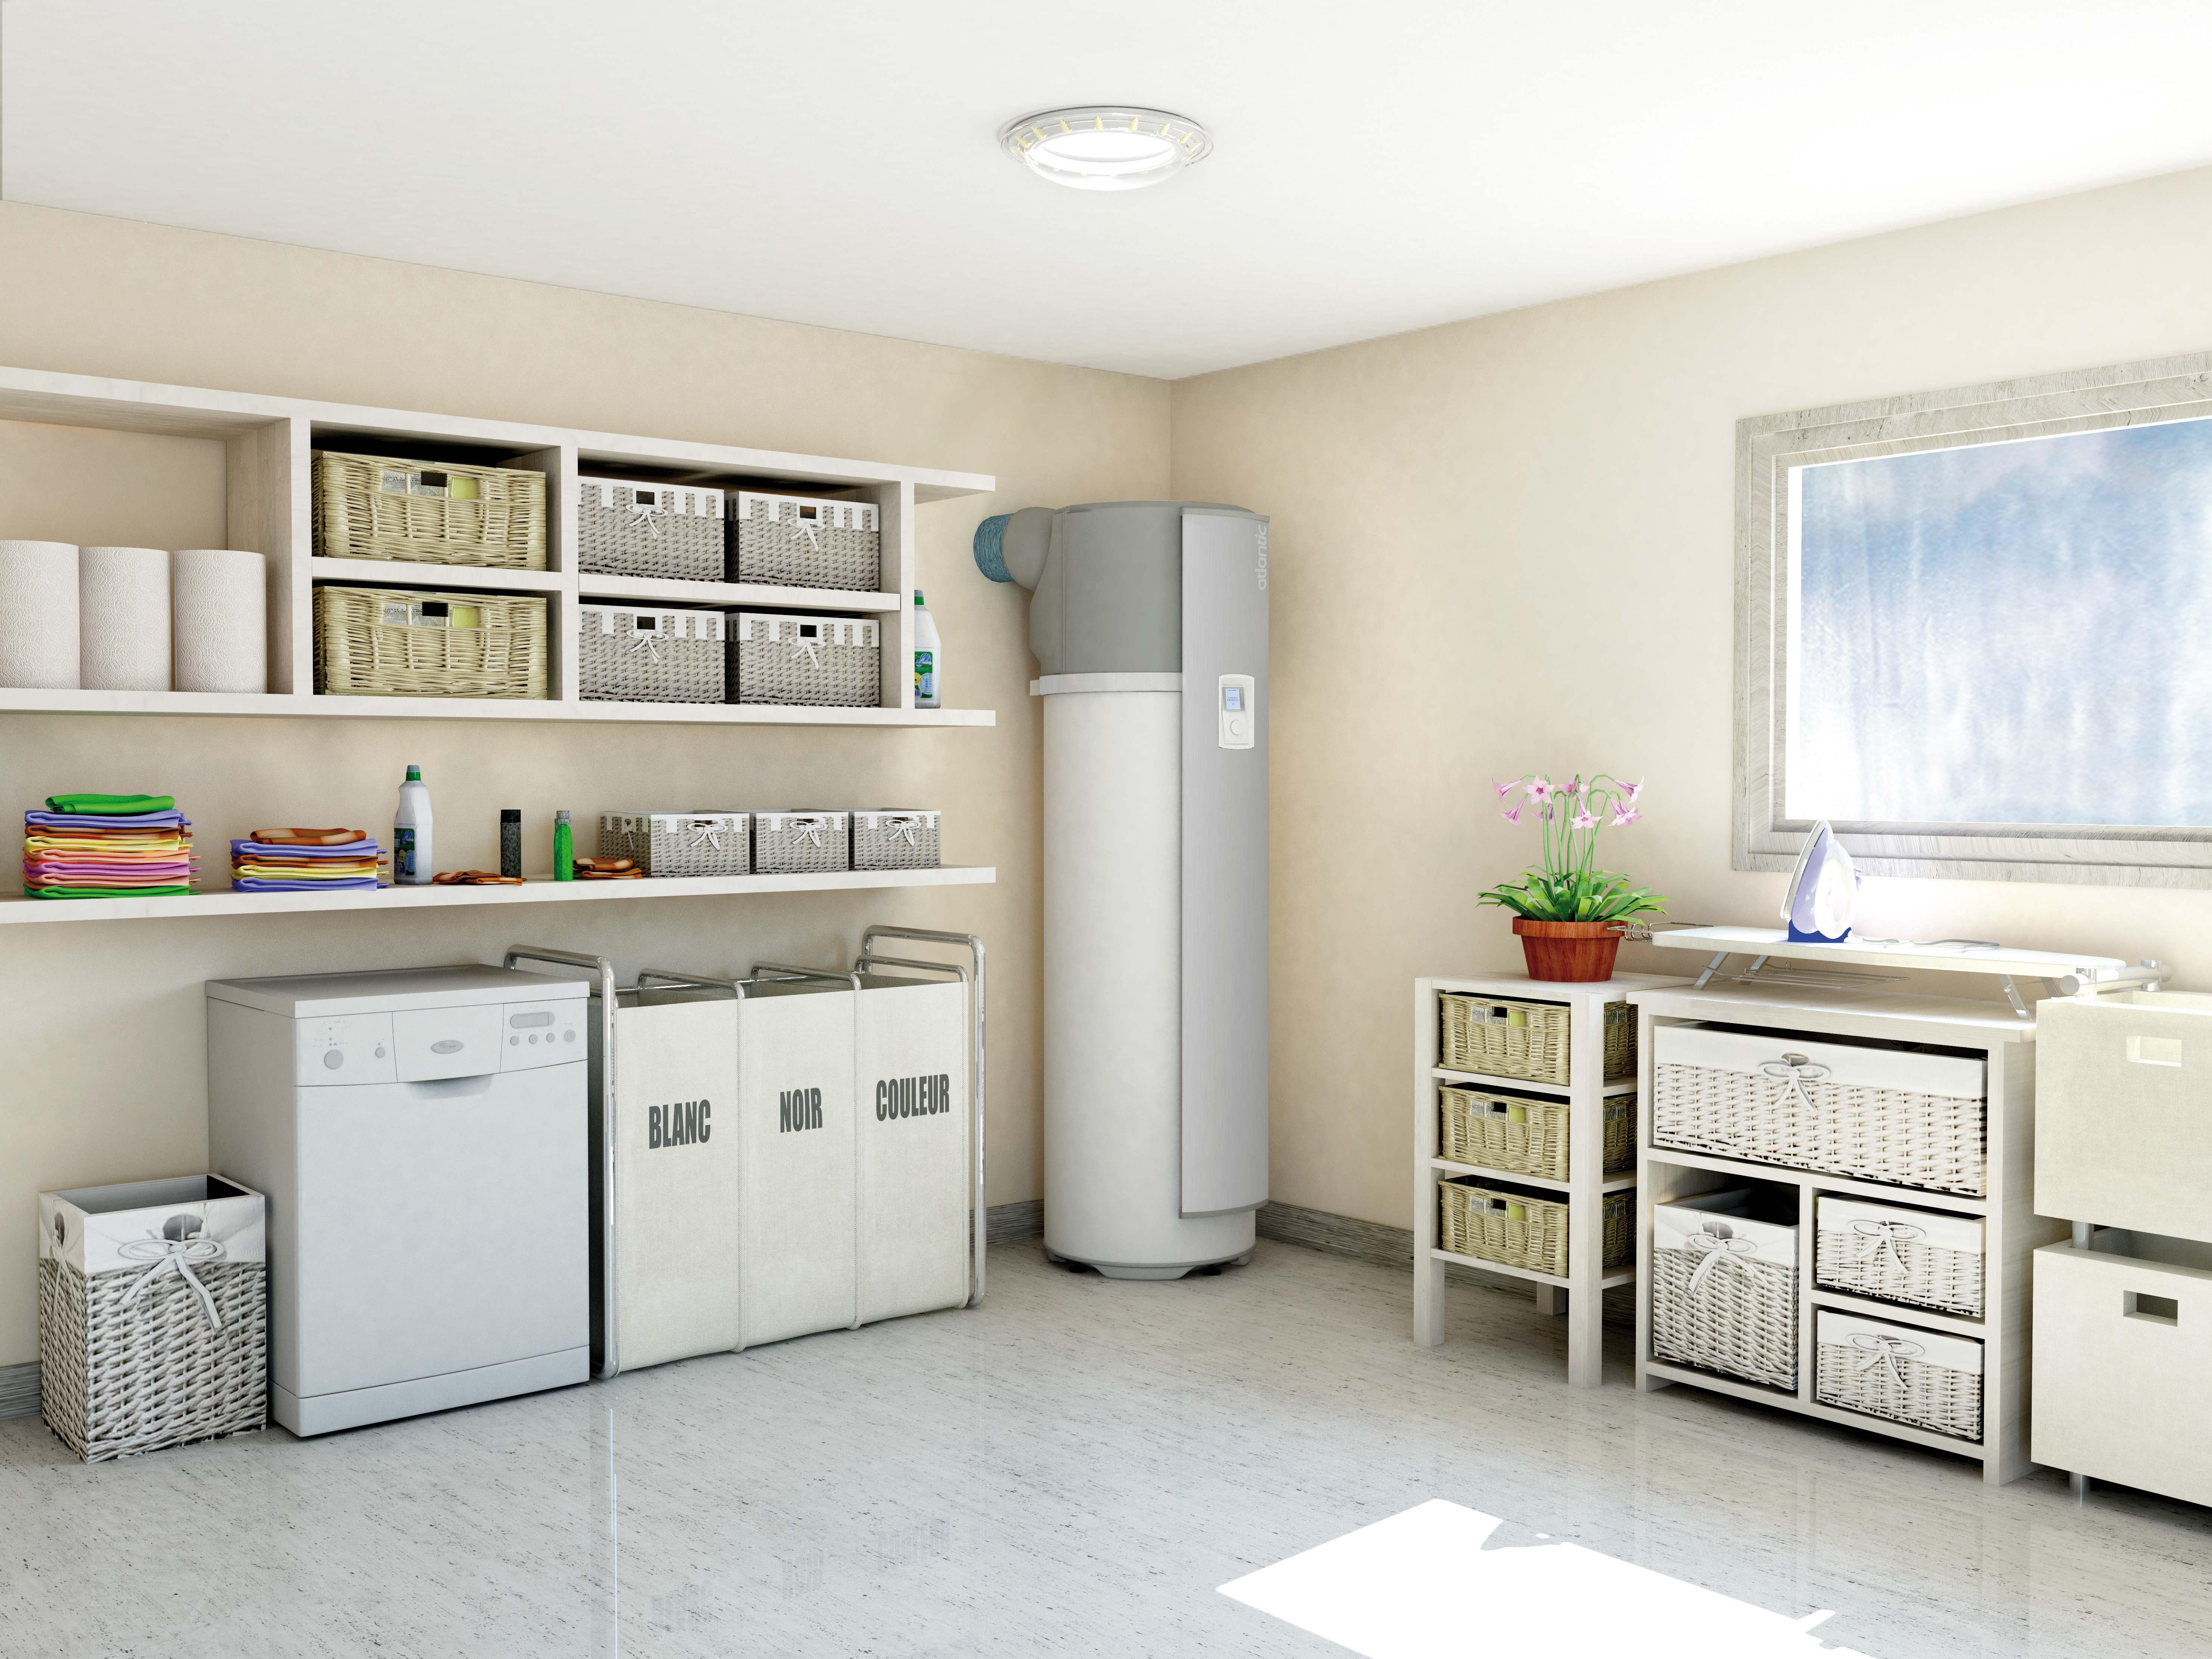 pourquoi choisir un chauffe eau thermodynamique blog. Black Bedroom Furniture Sets. Home Design Ideas